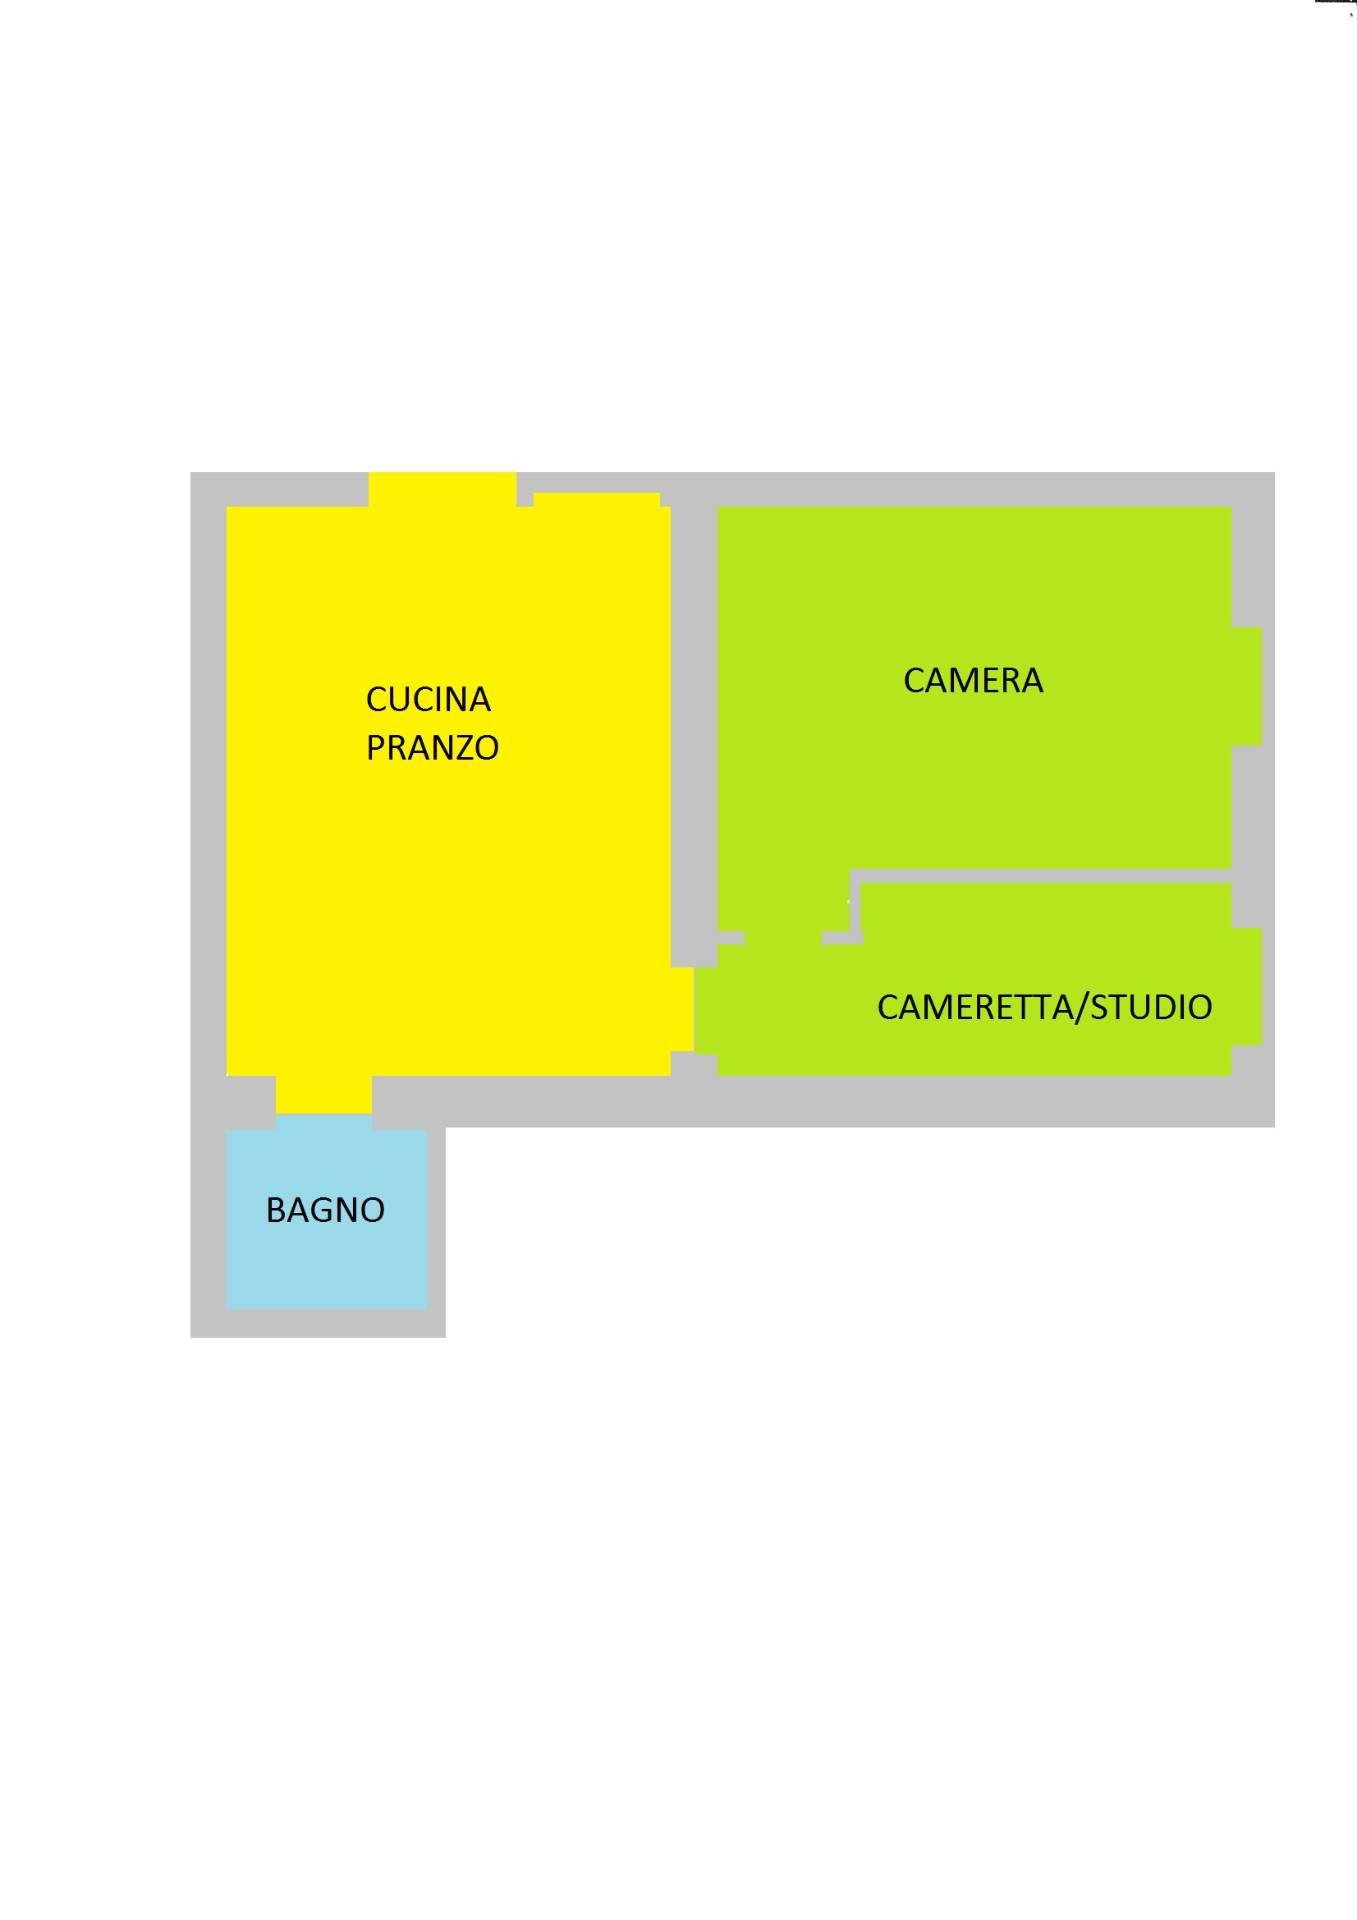 Appartamento in vendita a Campello sul Clitunno, 3 locali, zona Zona: Pissignano, prezzo € 60.000 | Cambio Casa.it